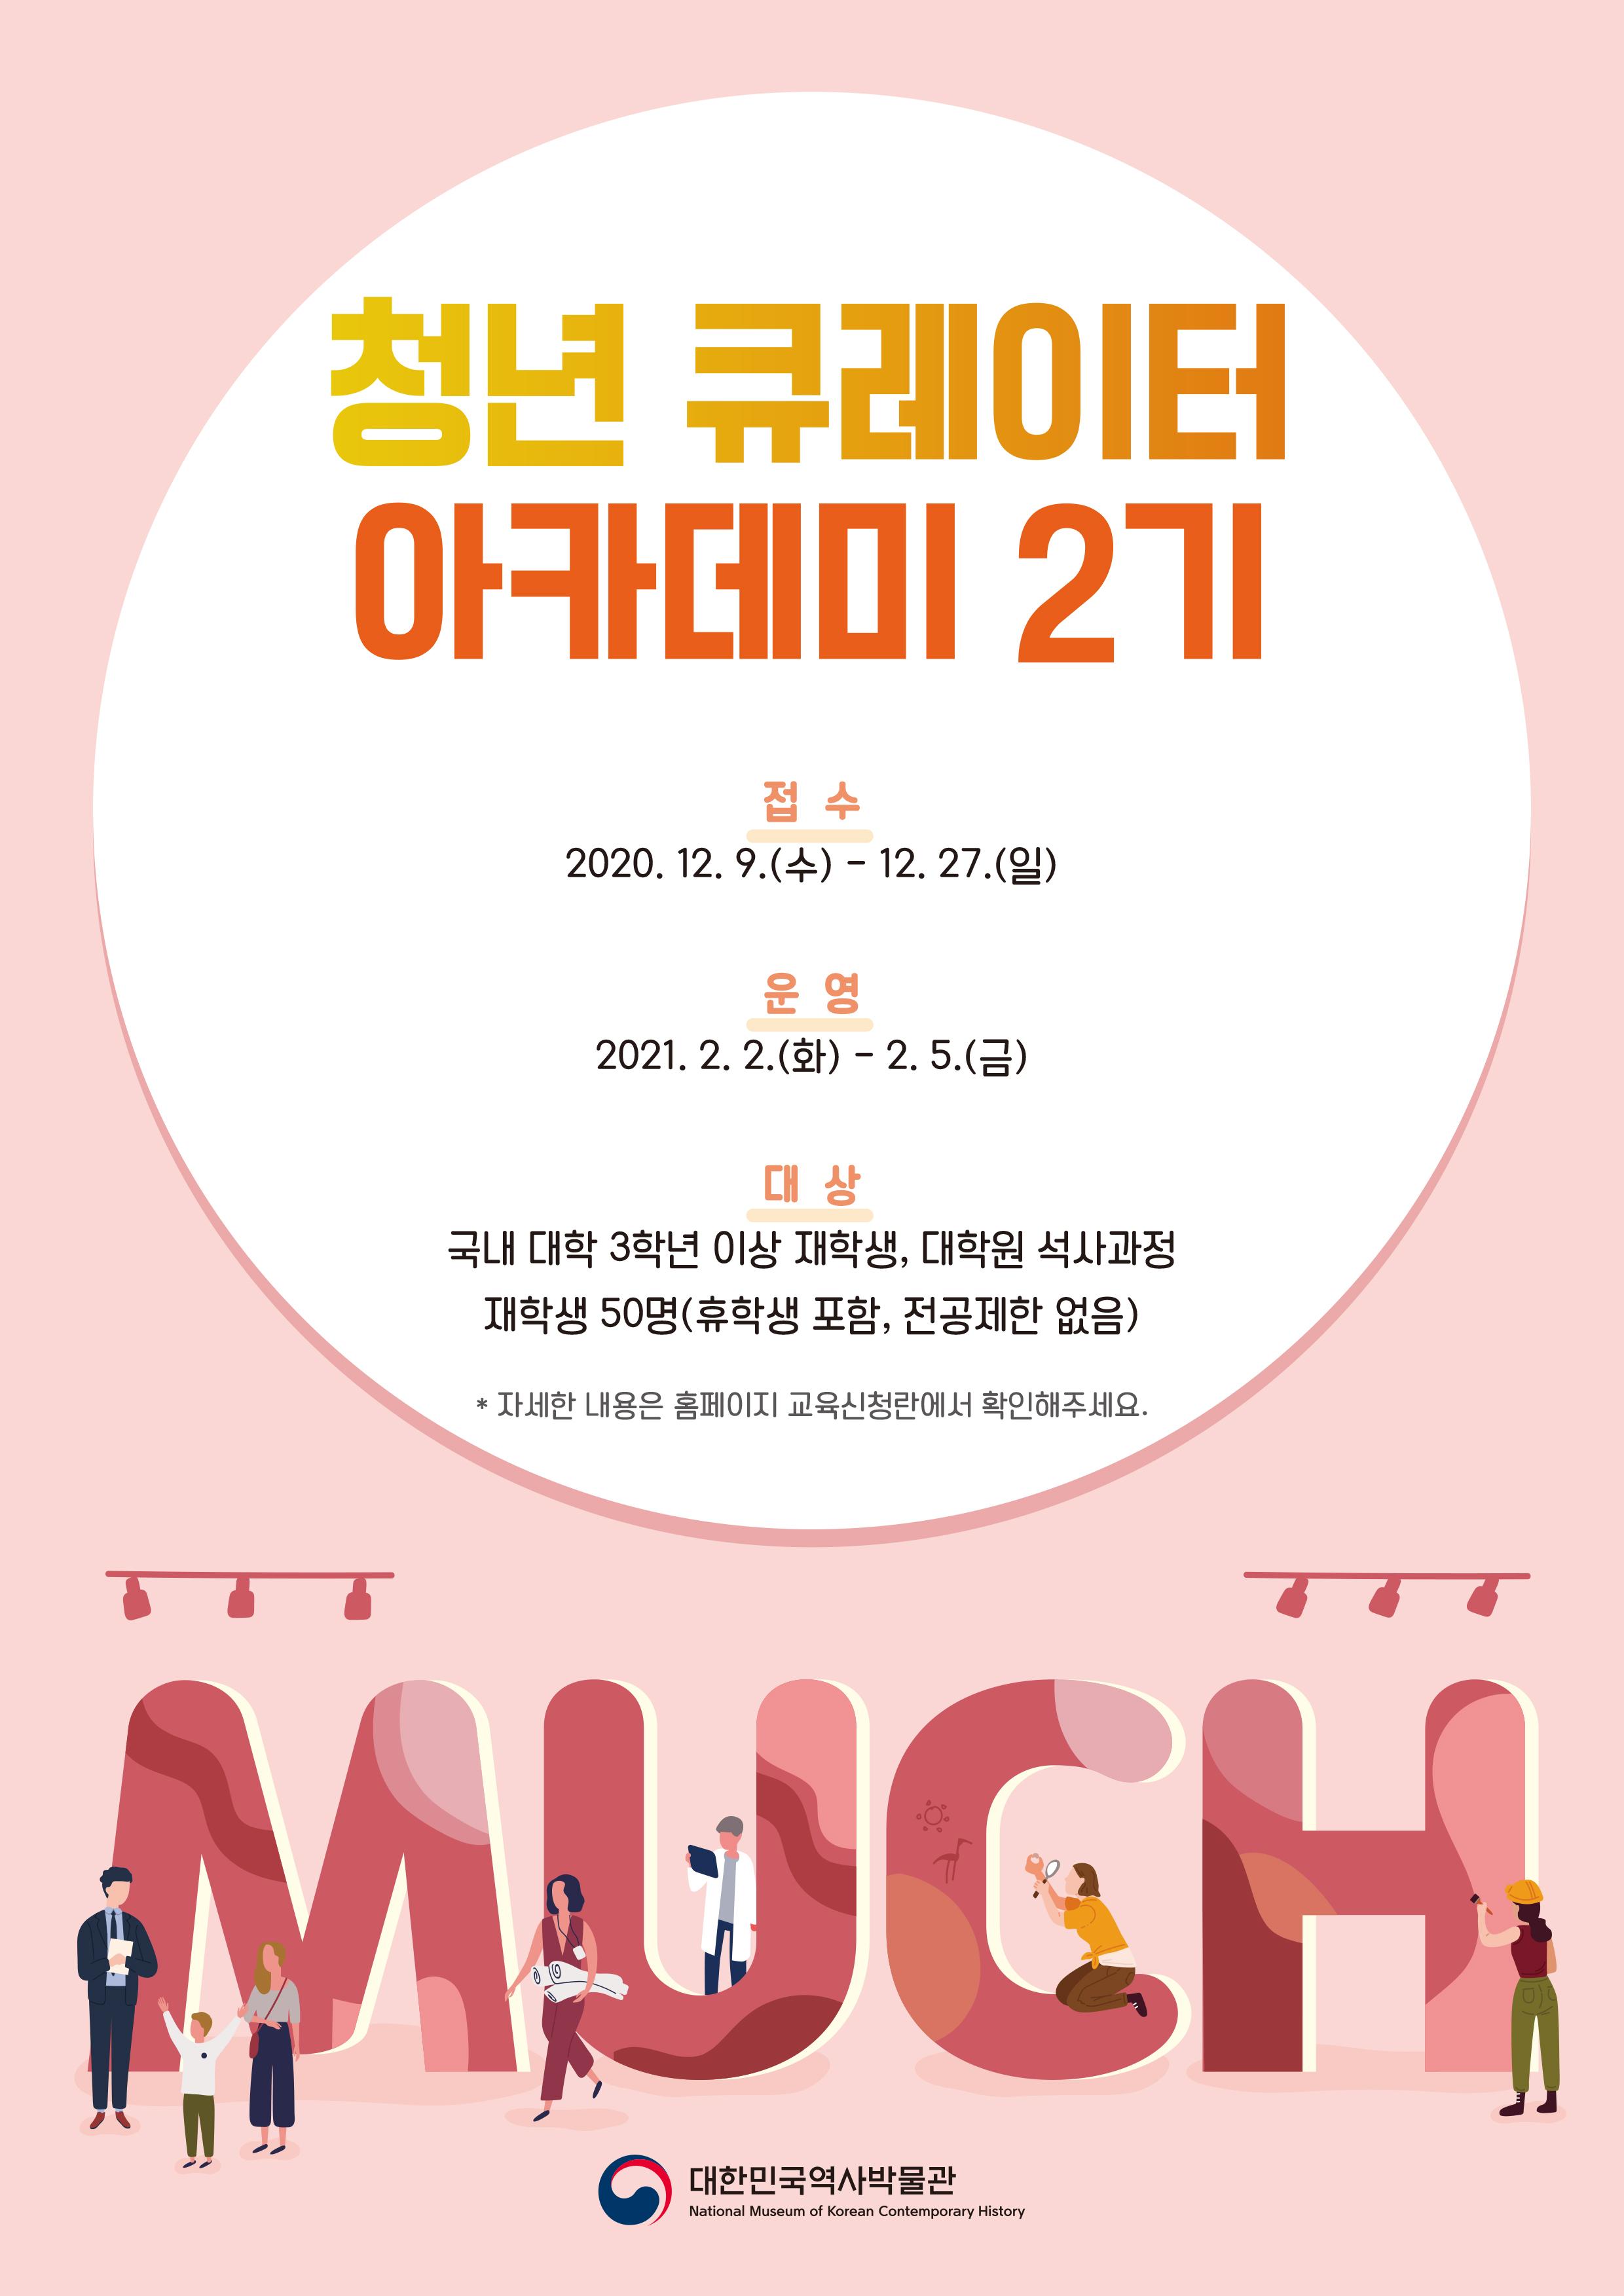 대한민국역사박물관 청년큐레이터 아카데미 홍보 안내 포스터